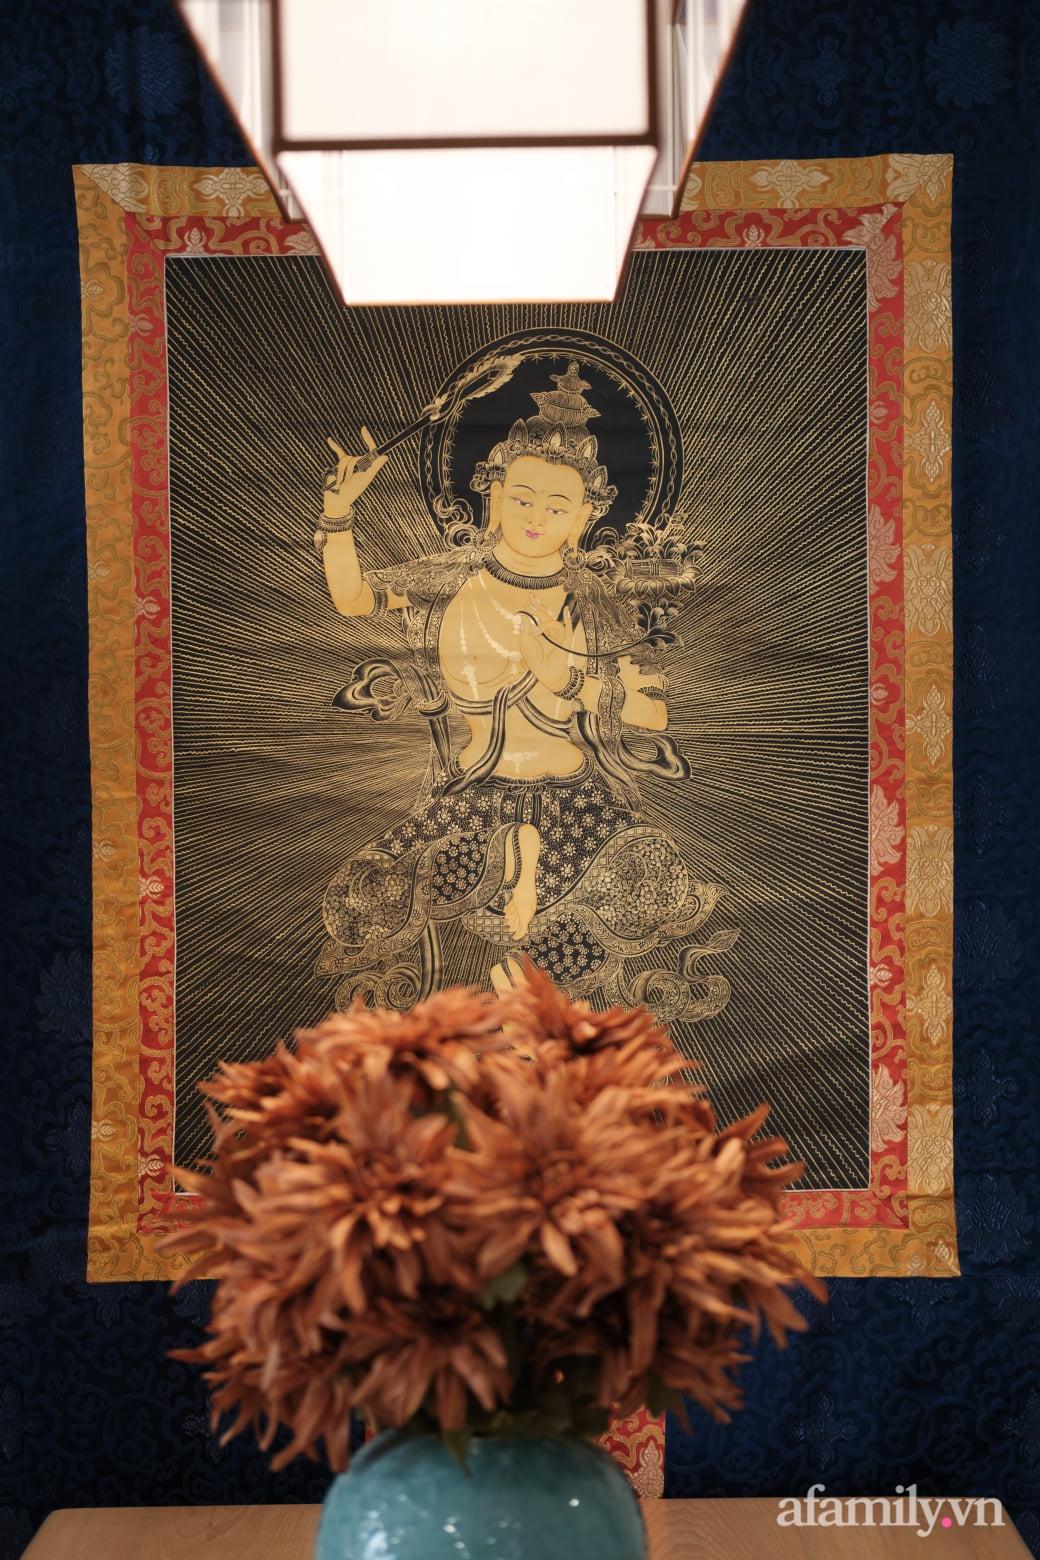 Căn hộ 60m² đẹp tĩnh lặng và tinh tế mang hơi thở của Zen ở quận 7 Sài Gòn - Ảnh 19.